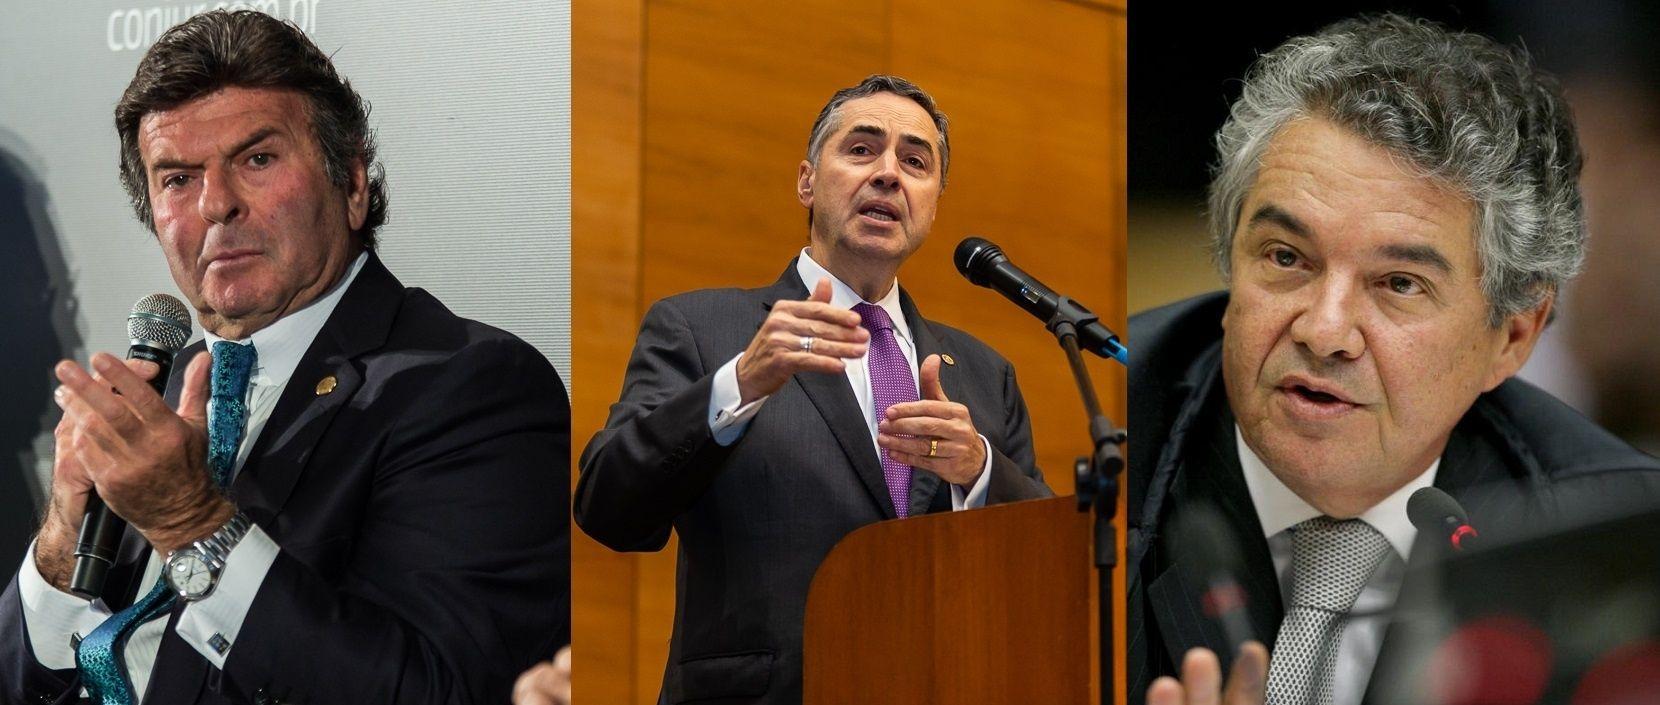 Ministros Luiz Fux, Luís Roberto Barroso e Marco Aurélio Mello serão palestrantes no evento